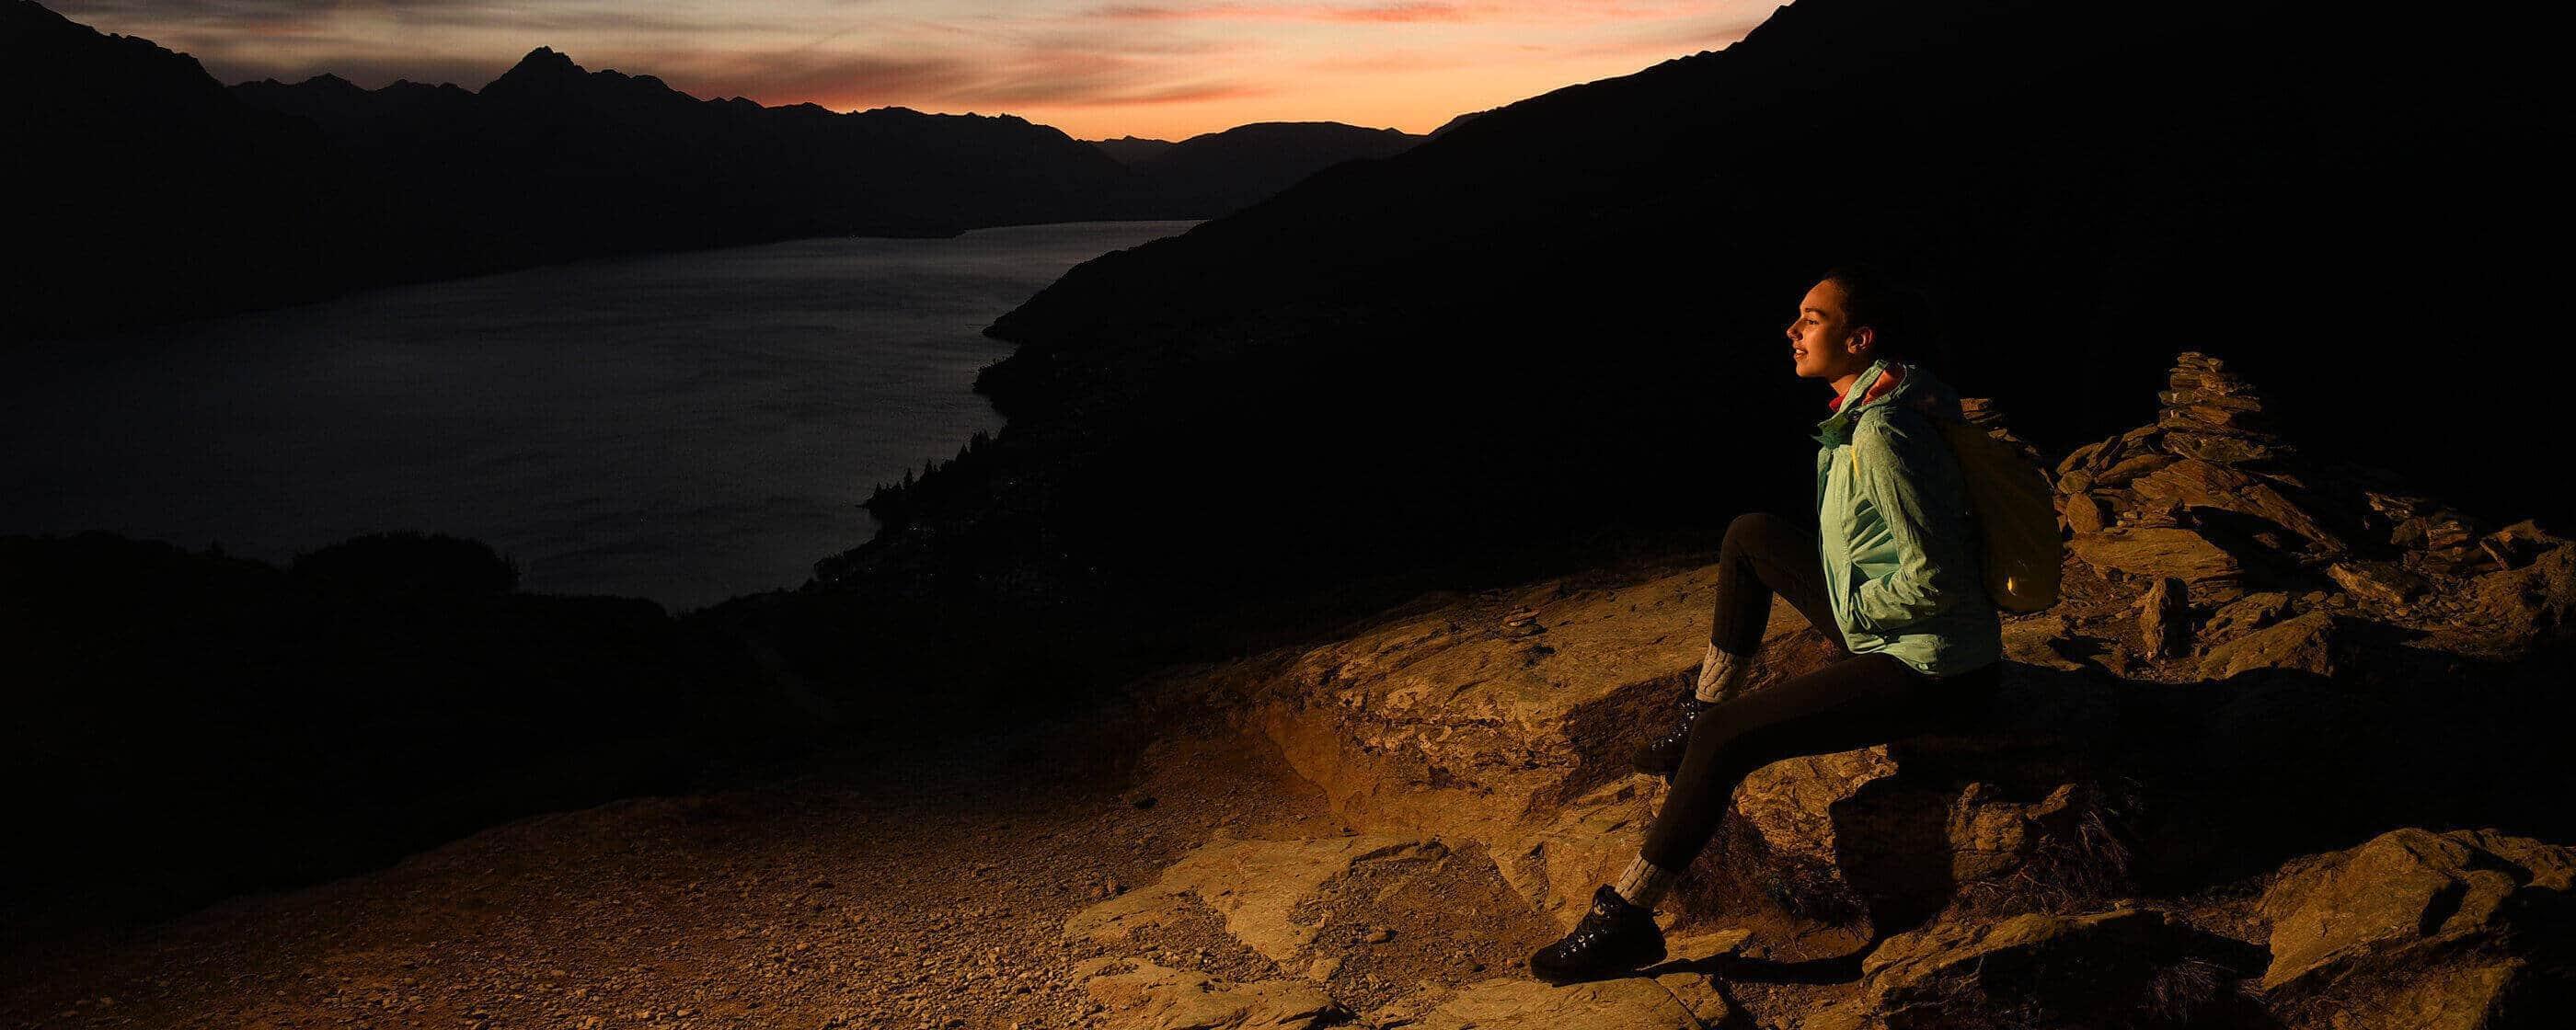 Foto de una persona sentada sobre rocas con poca luz